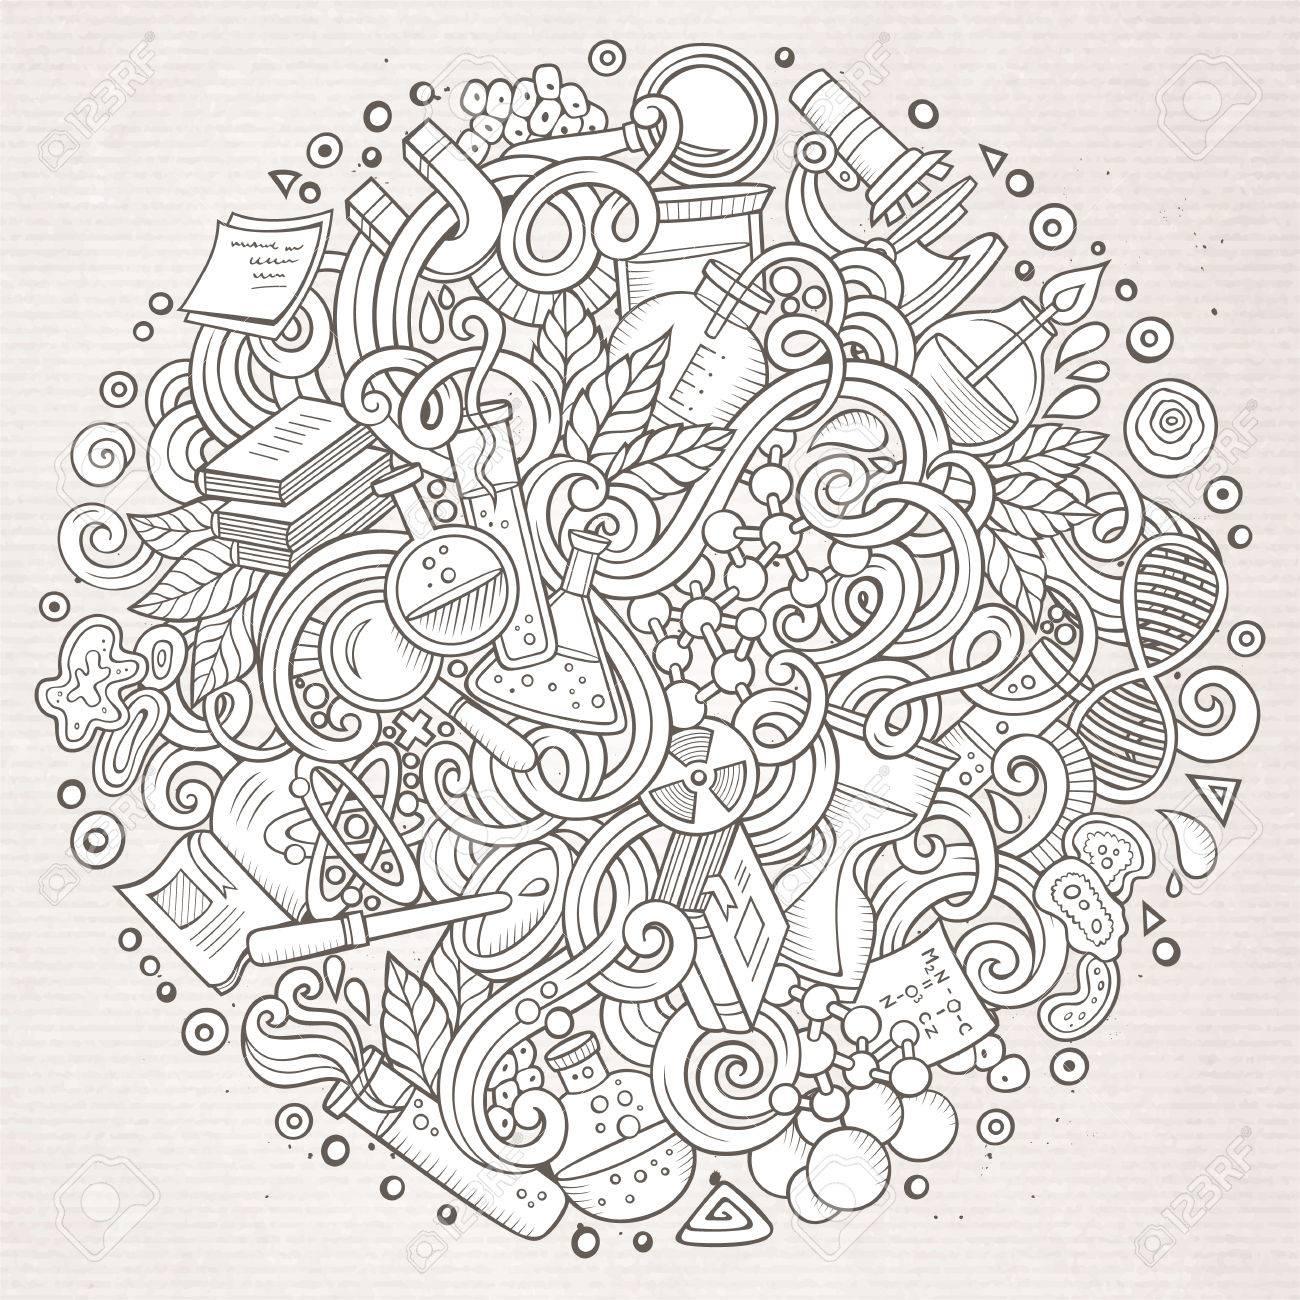 かわいい落書き科学イラストを漫画します詳細はオブジェクトの背景の